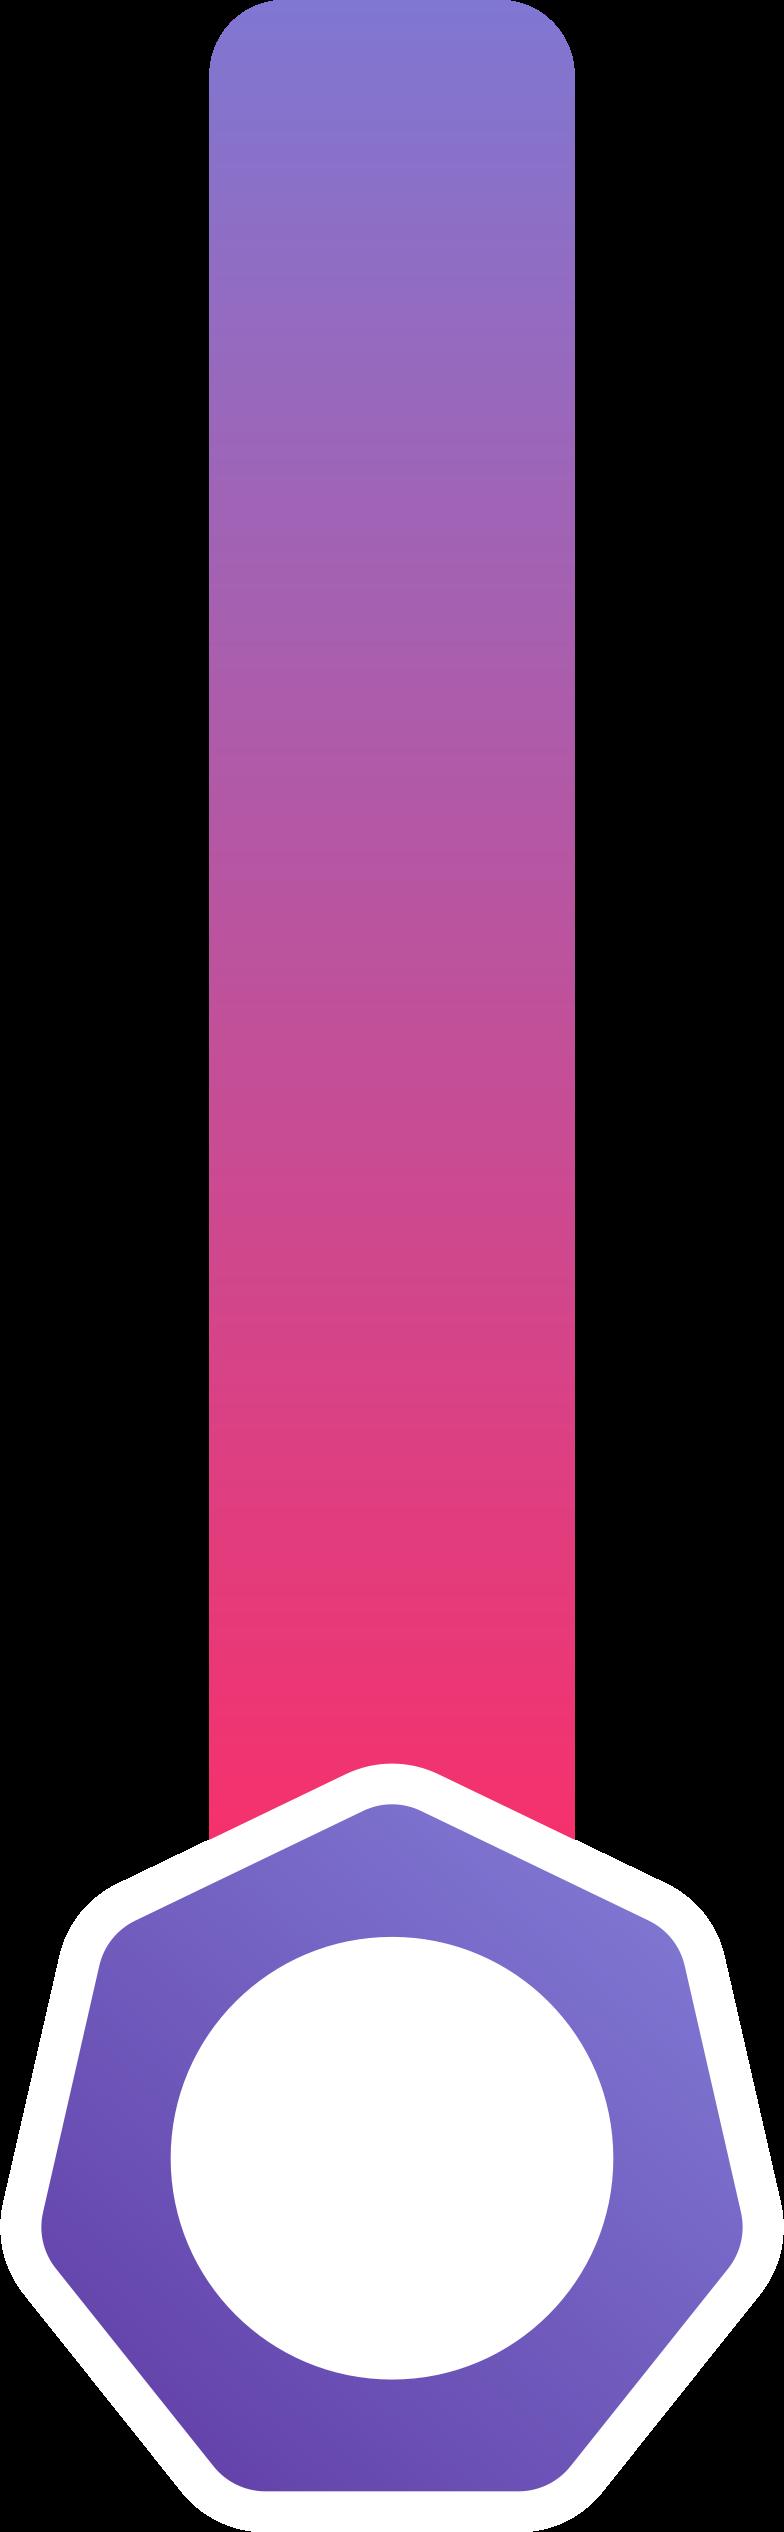 Imágenes vectoriales s grdnt línea de carga en PNG y SVG estilo  | Ilustraciones Icons8